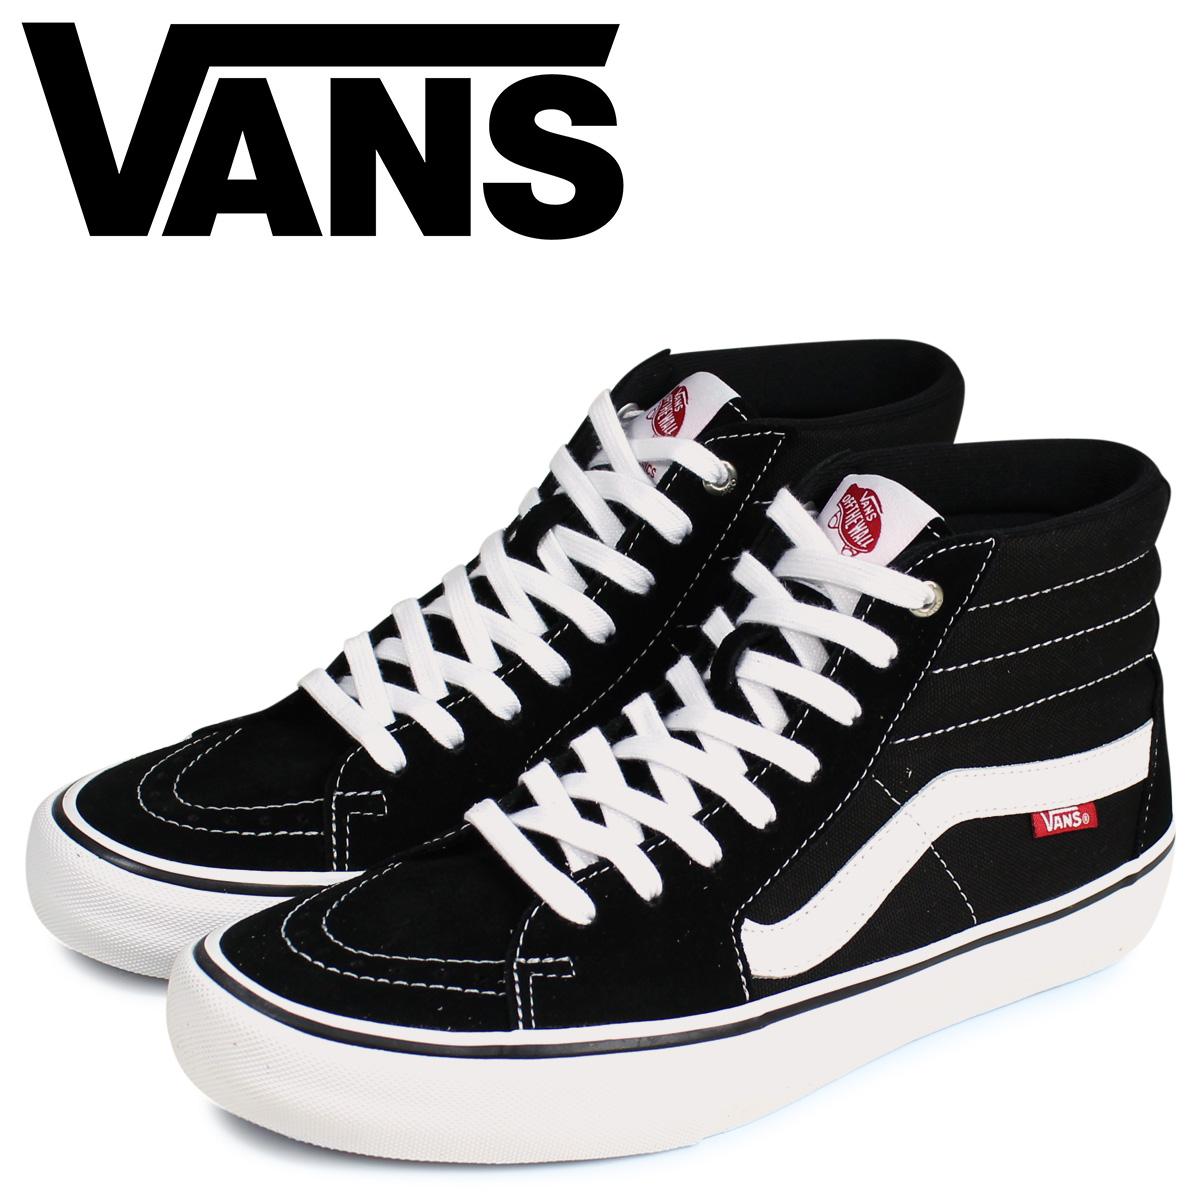 バンズ VANS SK8-HI PRO スニーカー メンズ ヴァンズ スケートハイ ブラック 黒 VN000VHGY28